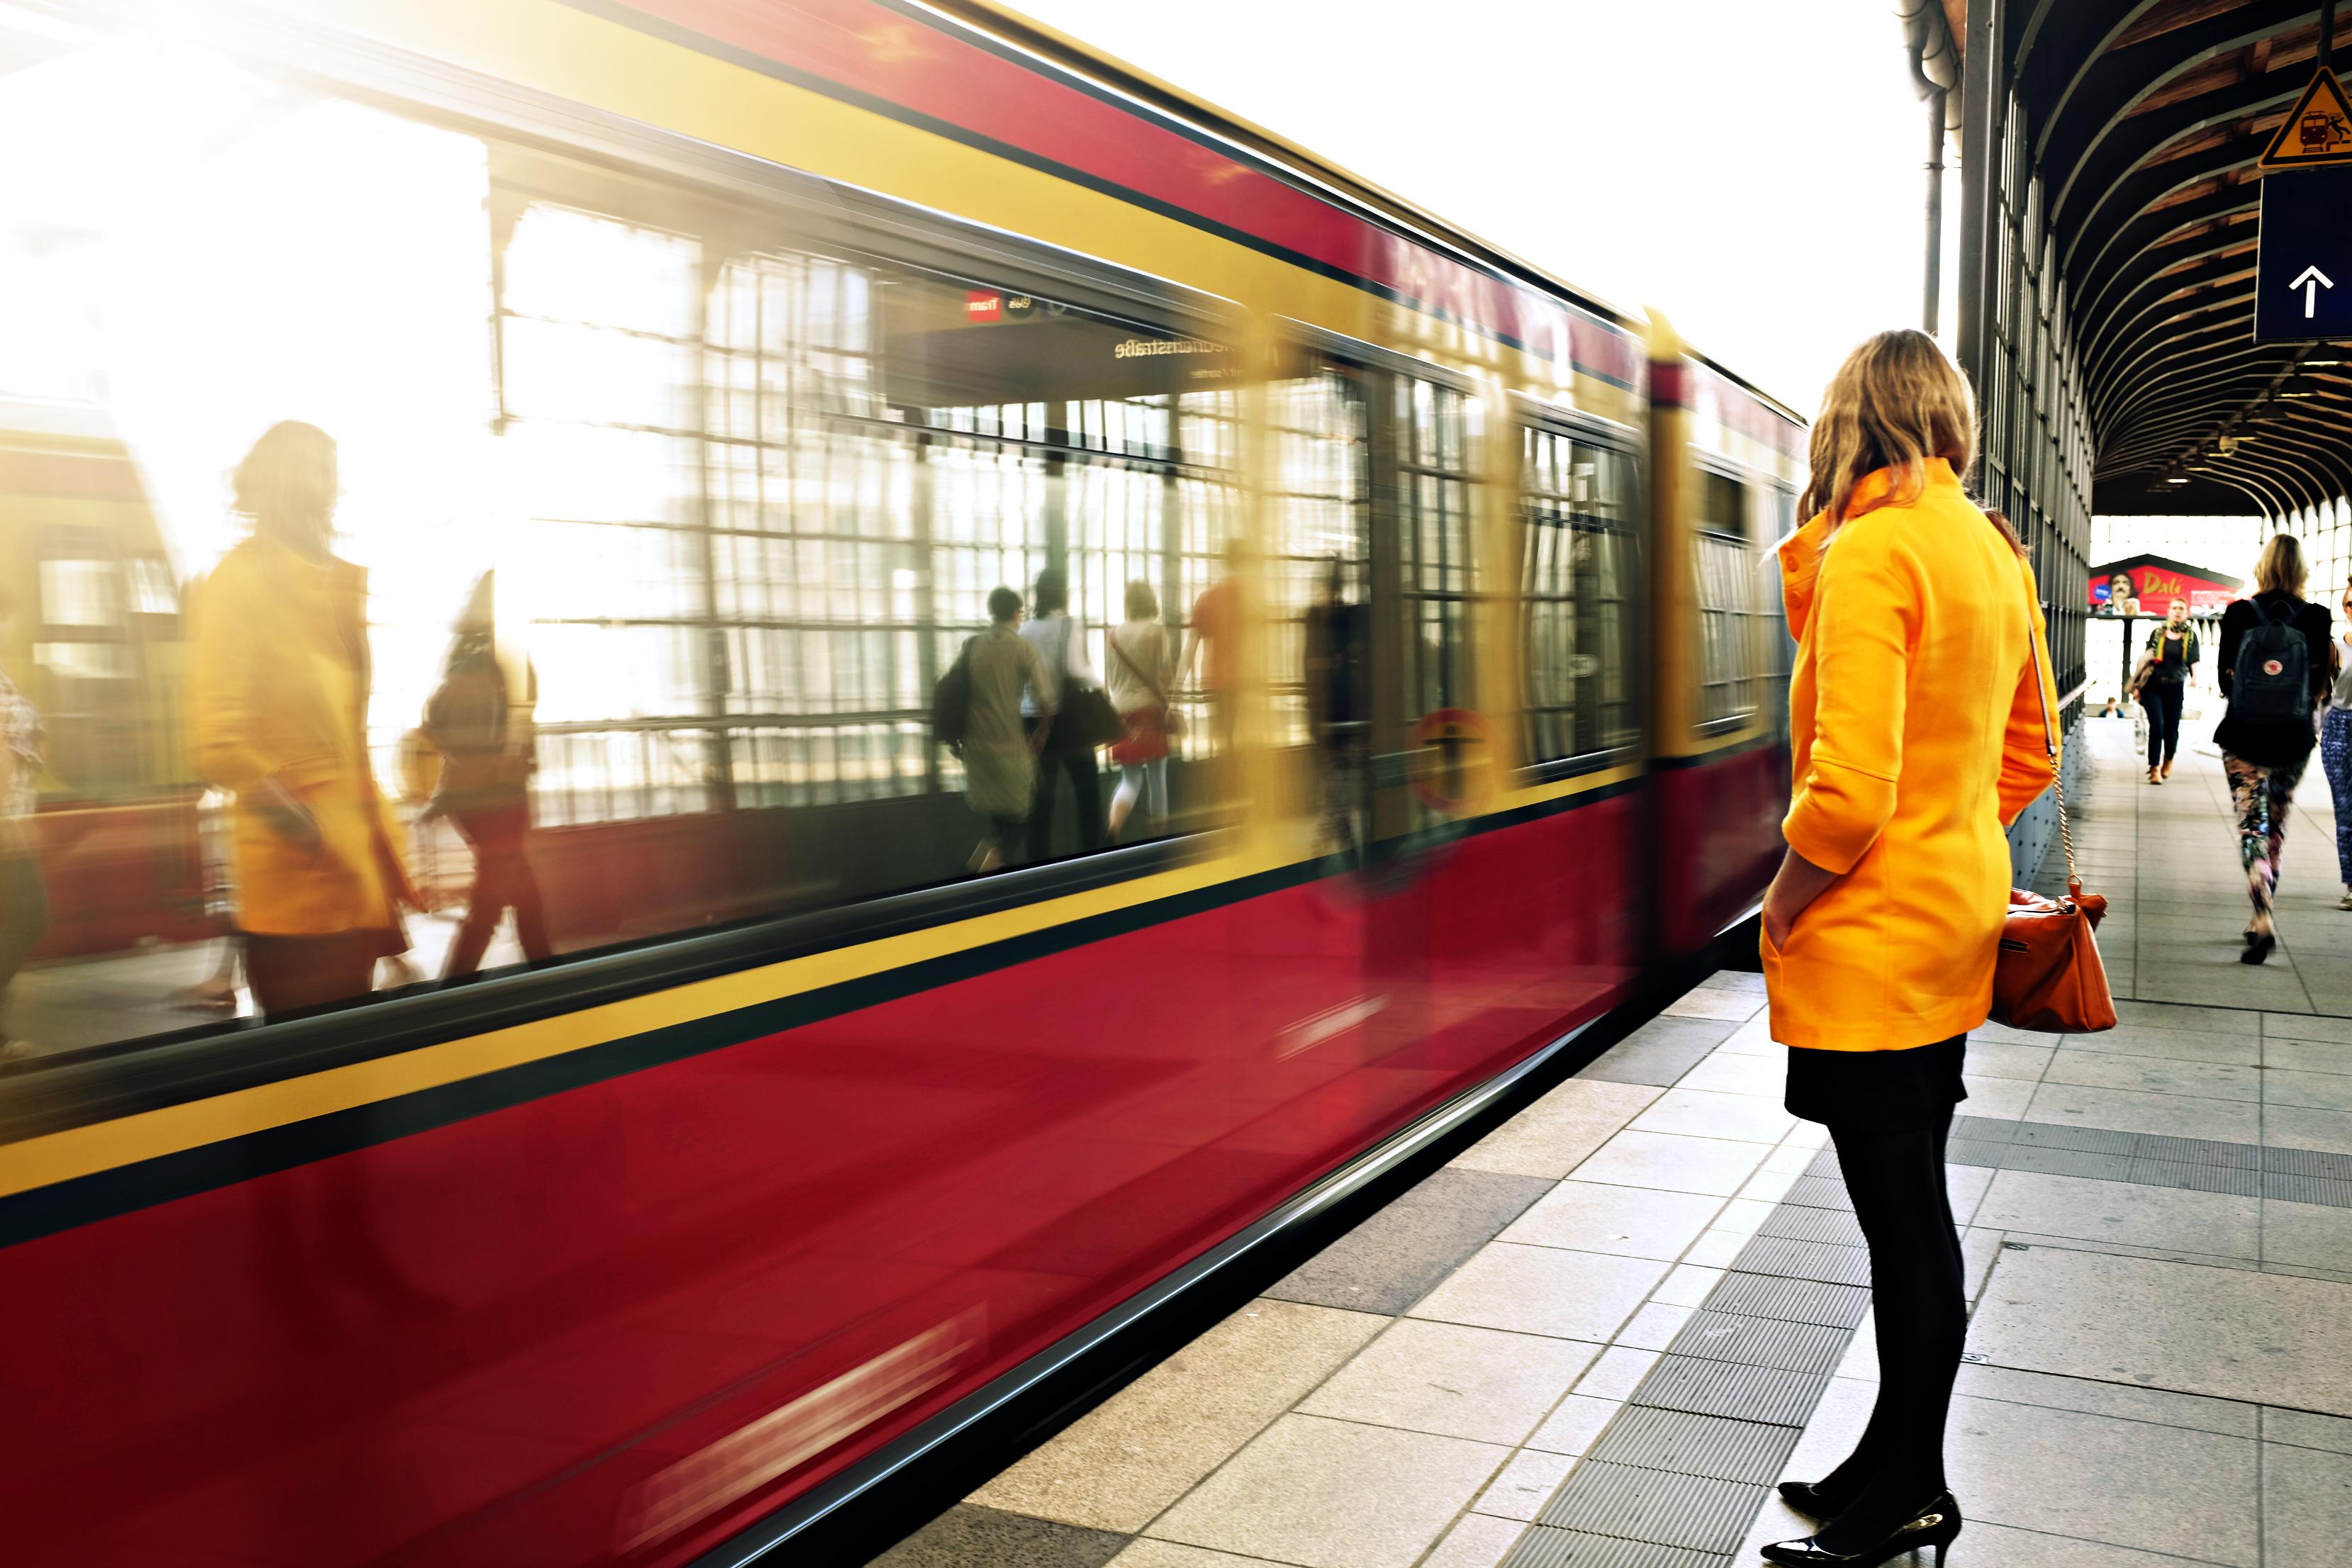 Subway Station, Terminal, Train, Subway, Reflection, HQ Photo